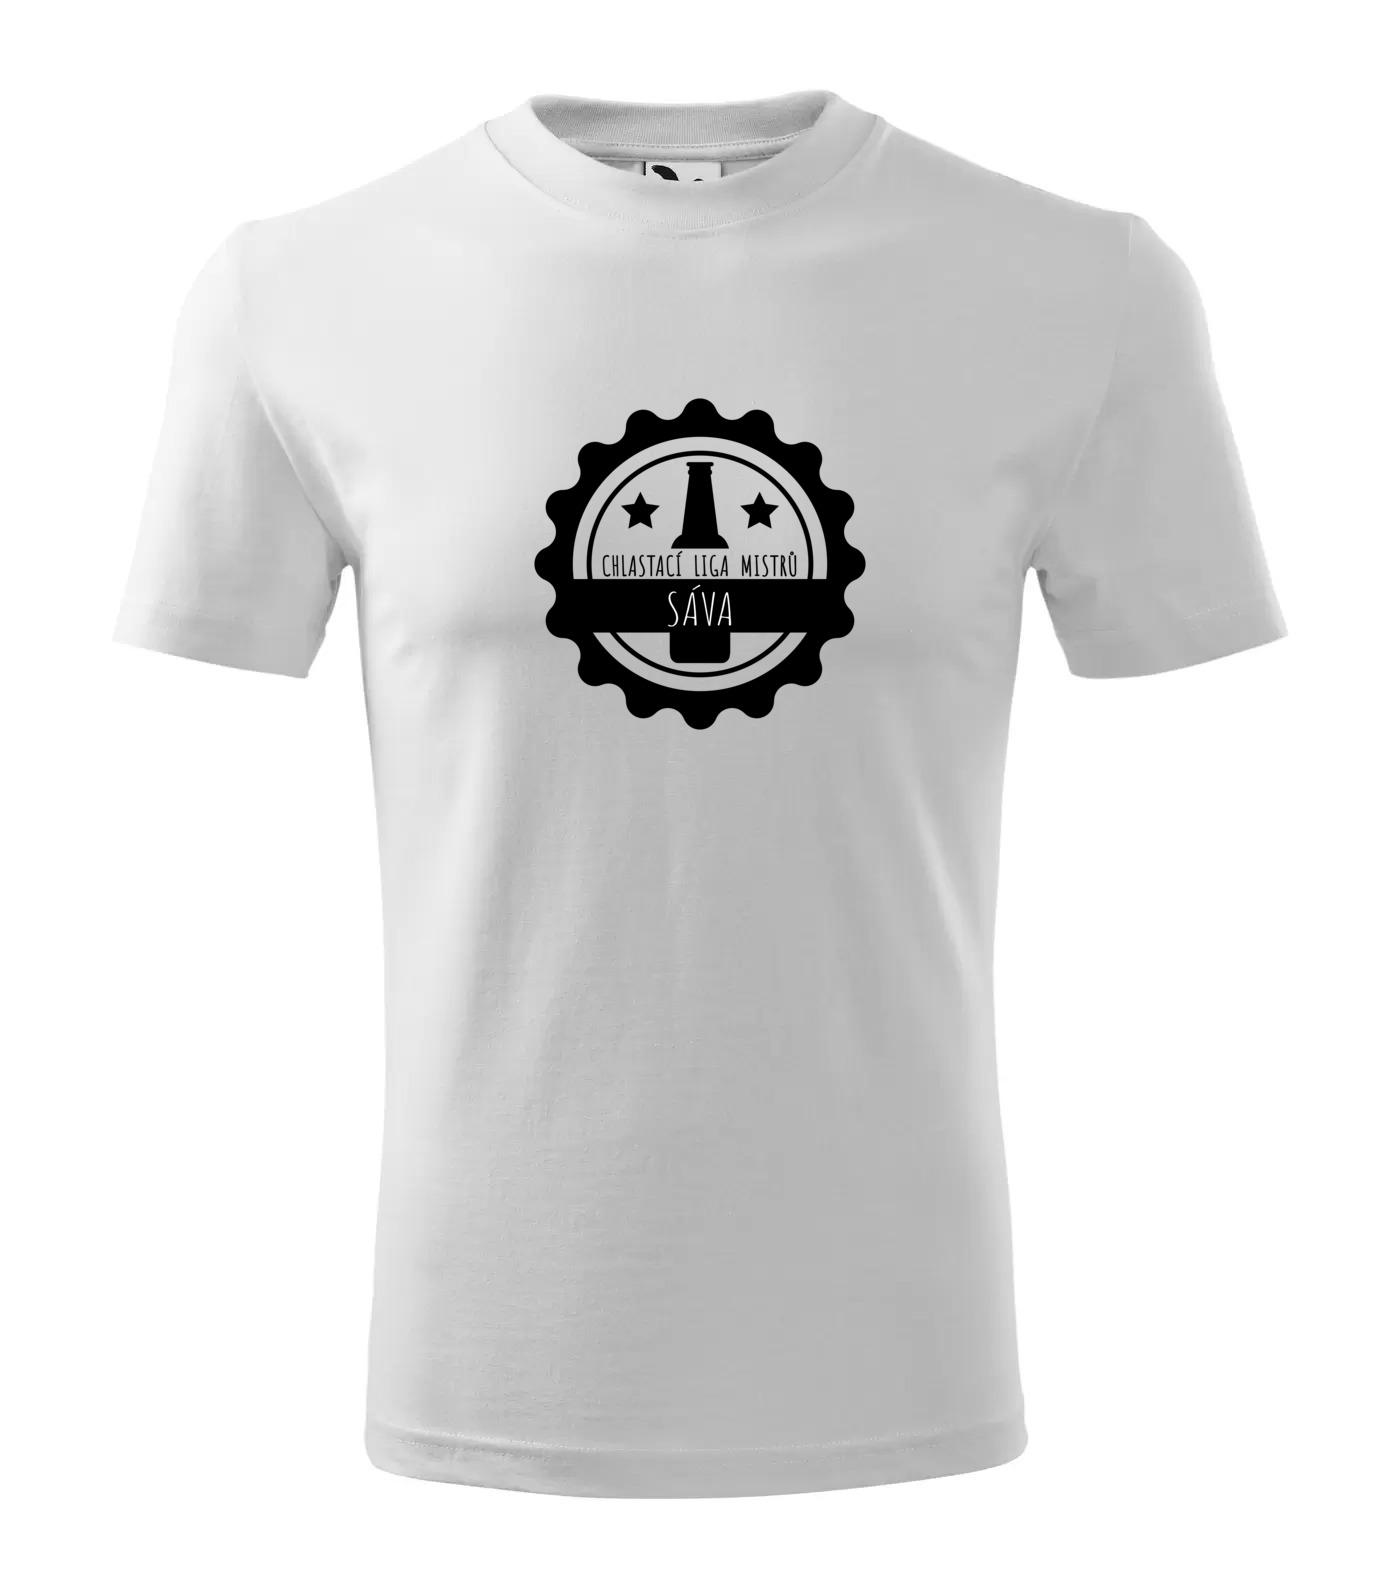 Tričko Chlastací liga mužů Sáva